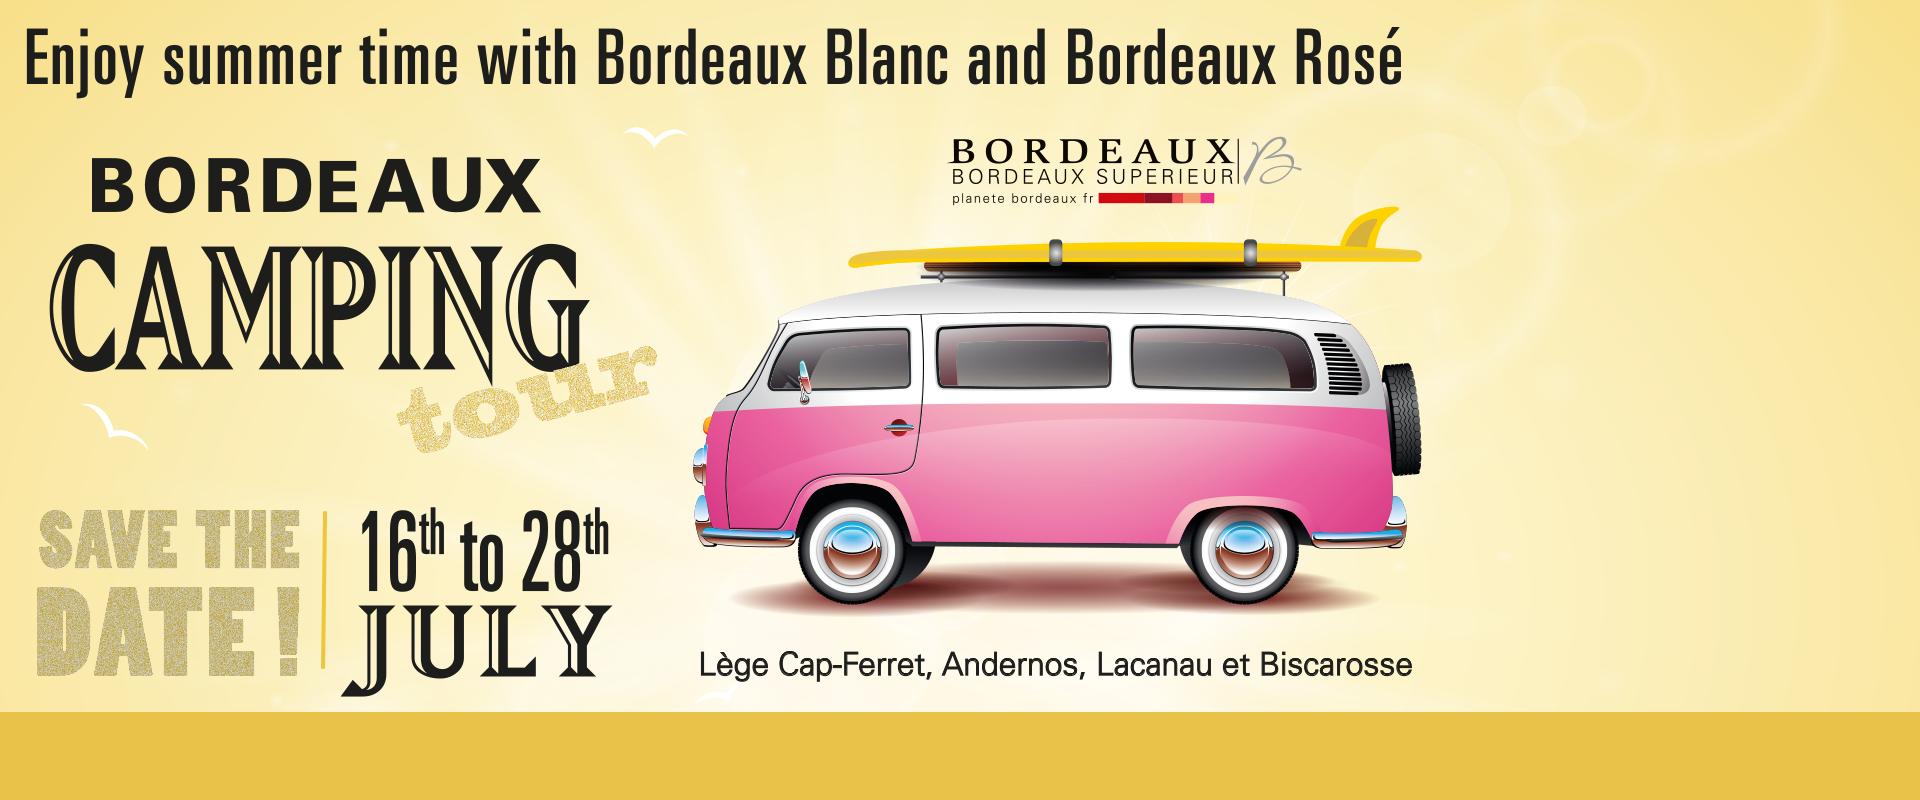 Bordeaux Camping Tour 2017